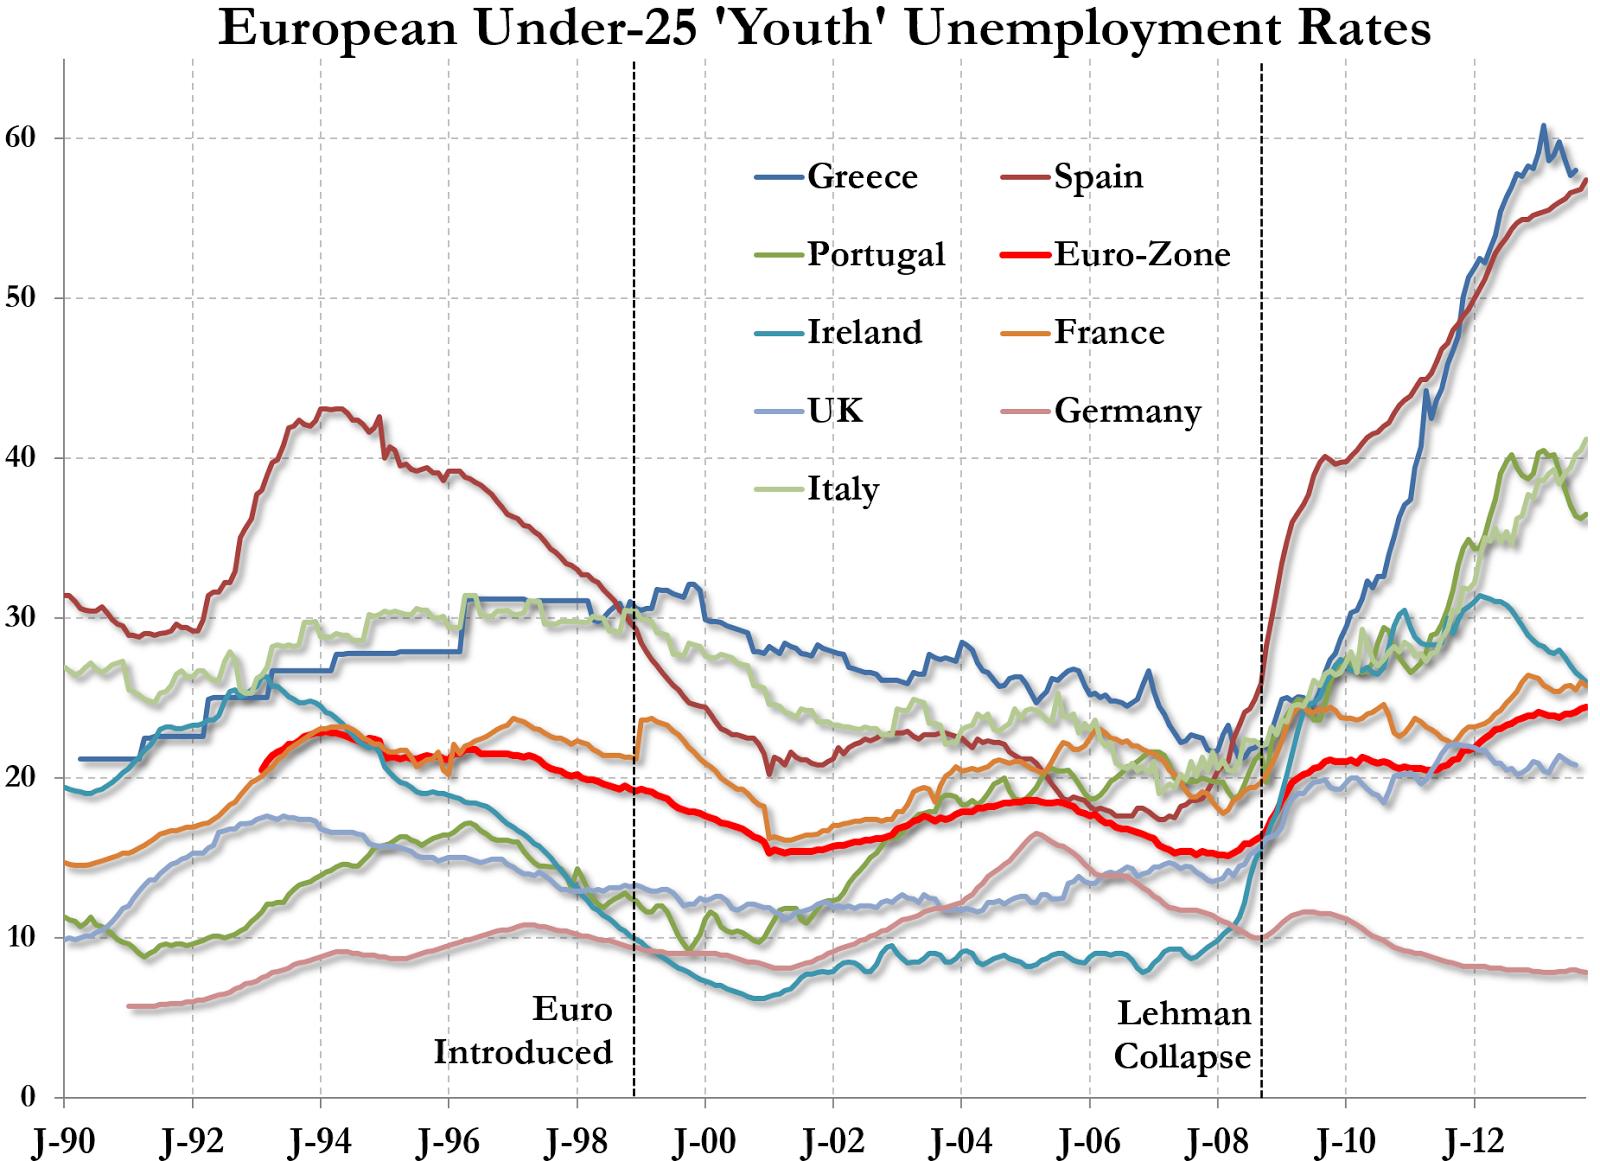 Evolución del desempleo juvenil desde 1990 a 2013 en la Unión Europea